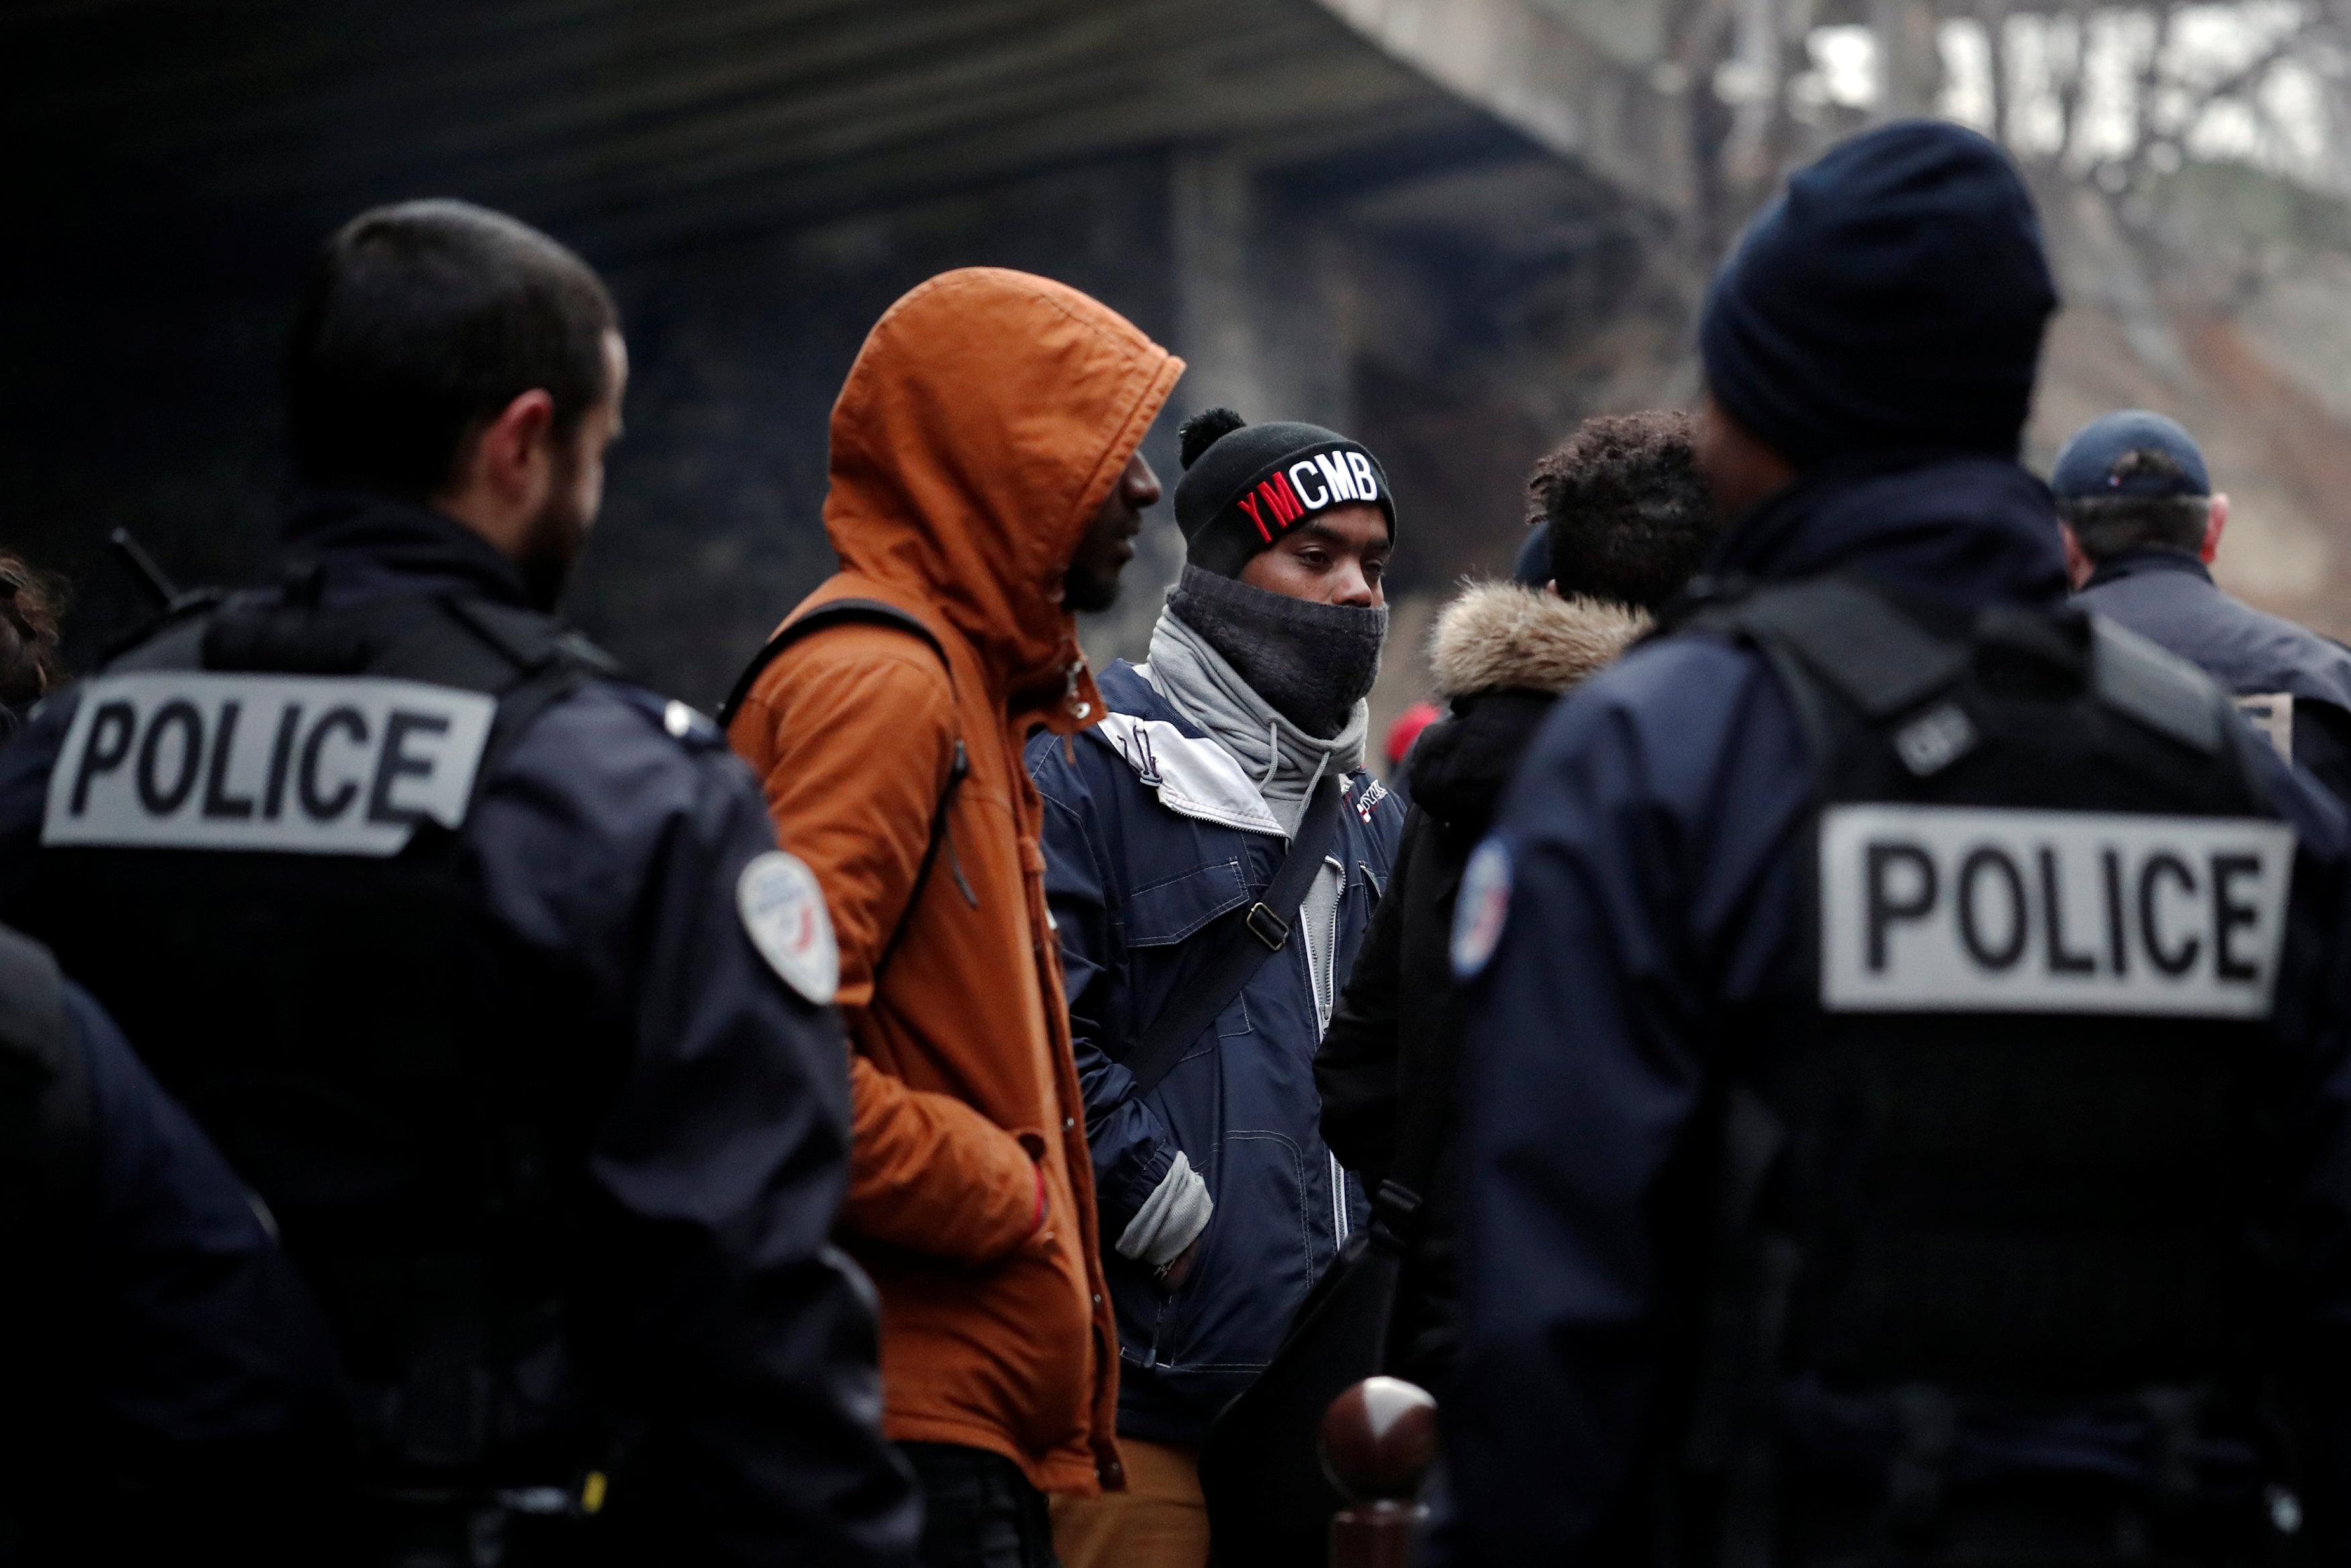 قوات الأمن الفرنسية تخلى احد المناطق من اللاجئين